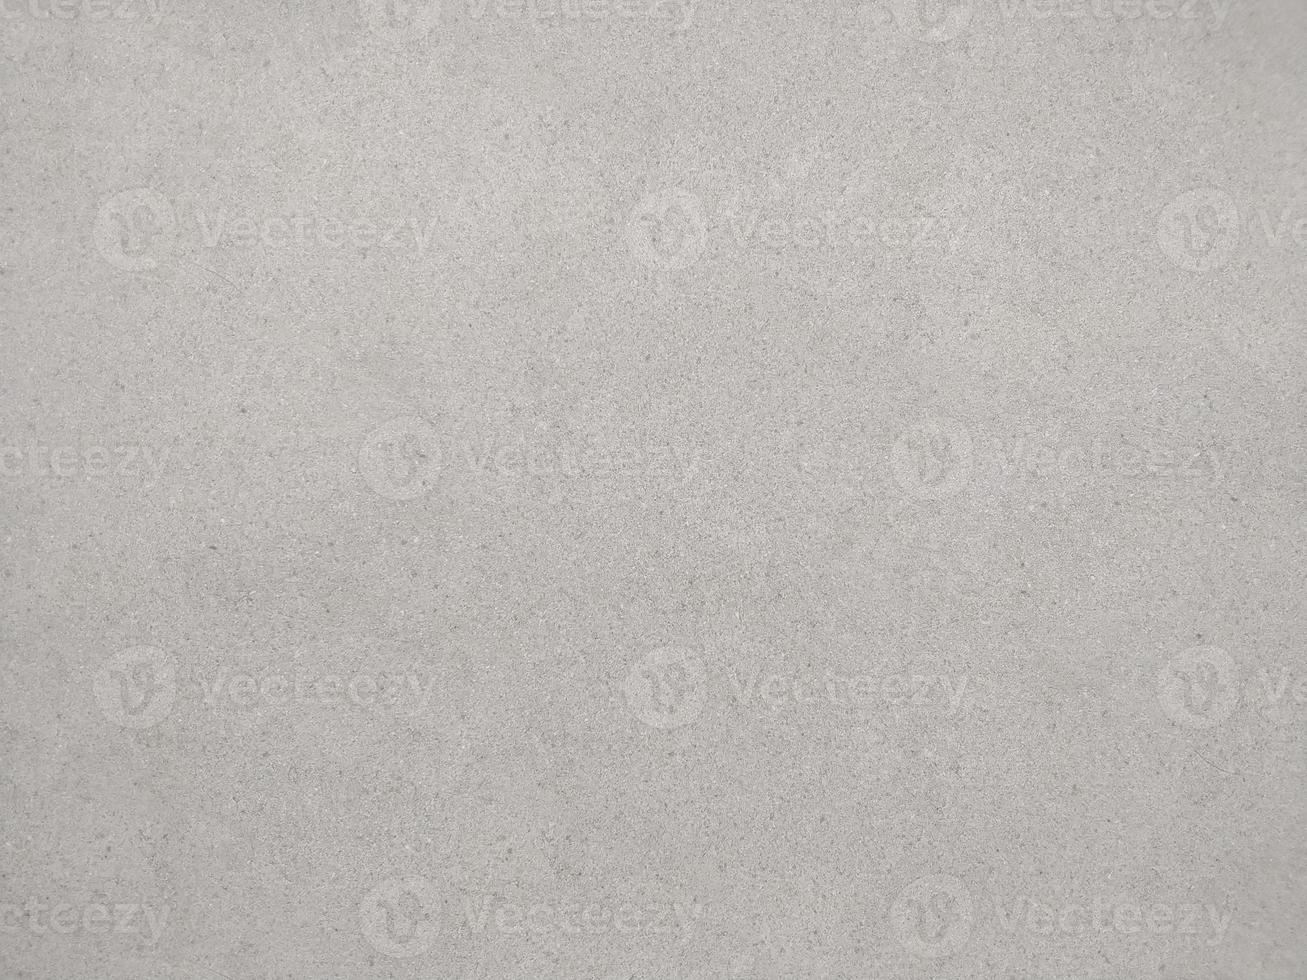 trama di cemento grigio foto